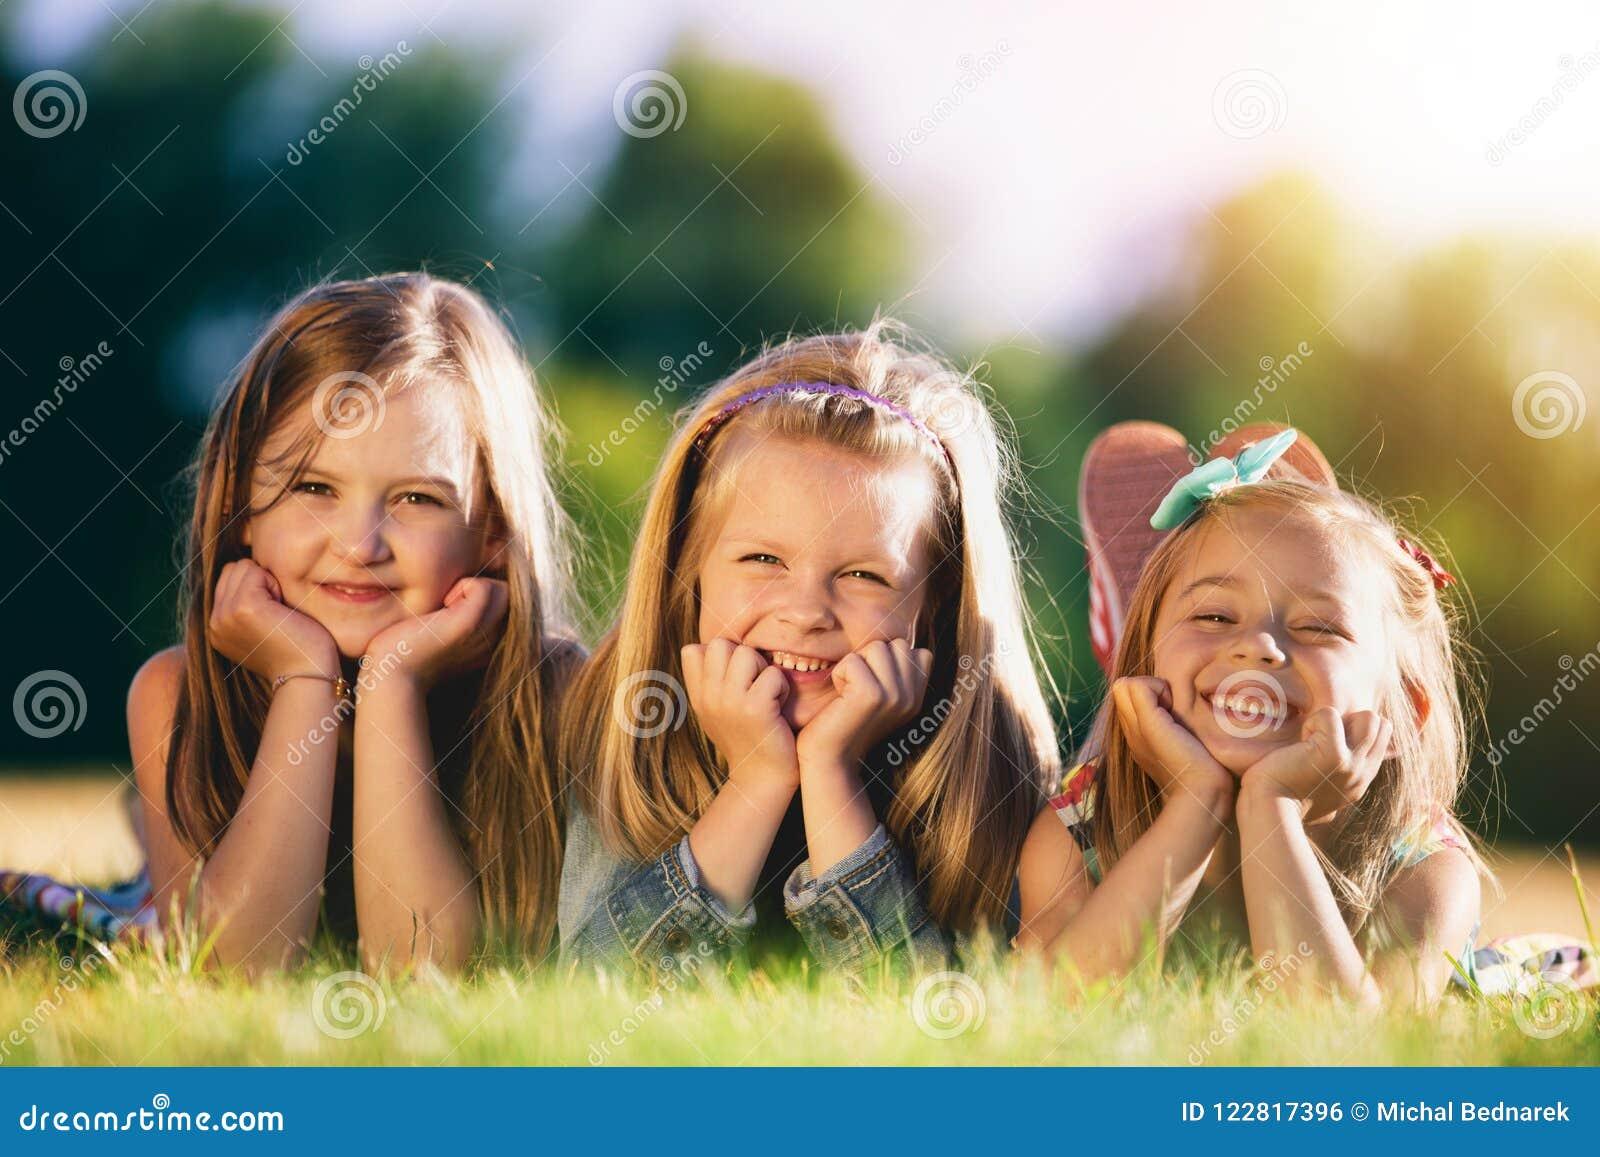 Trzy uśmiechniętej małej dziewczynki kłaść na trawie w parku